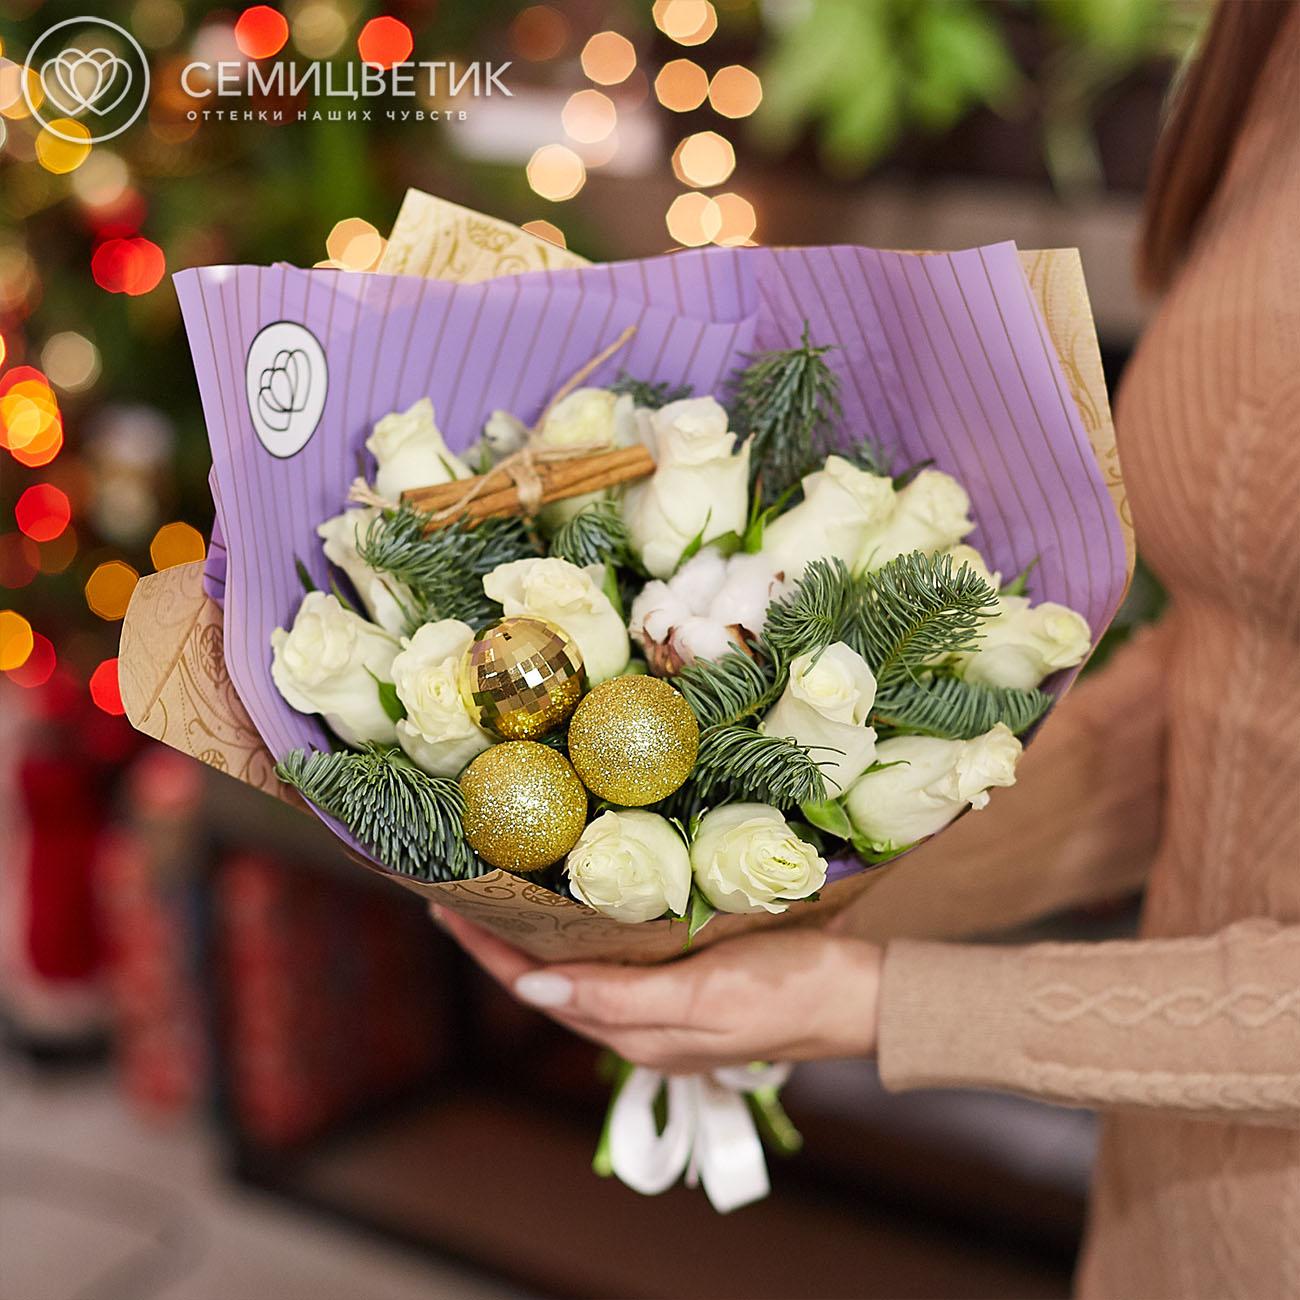 15 белых роз Premium с елью, корицей и хлопком фото